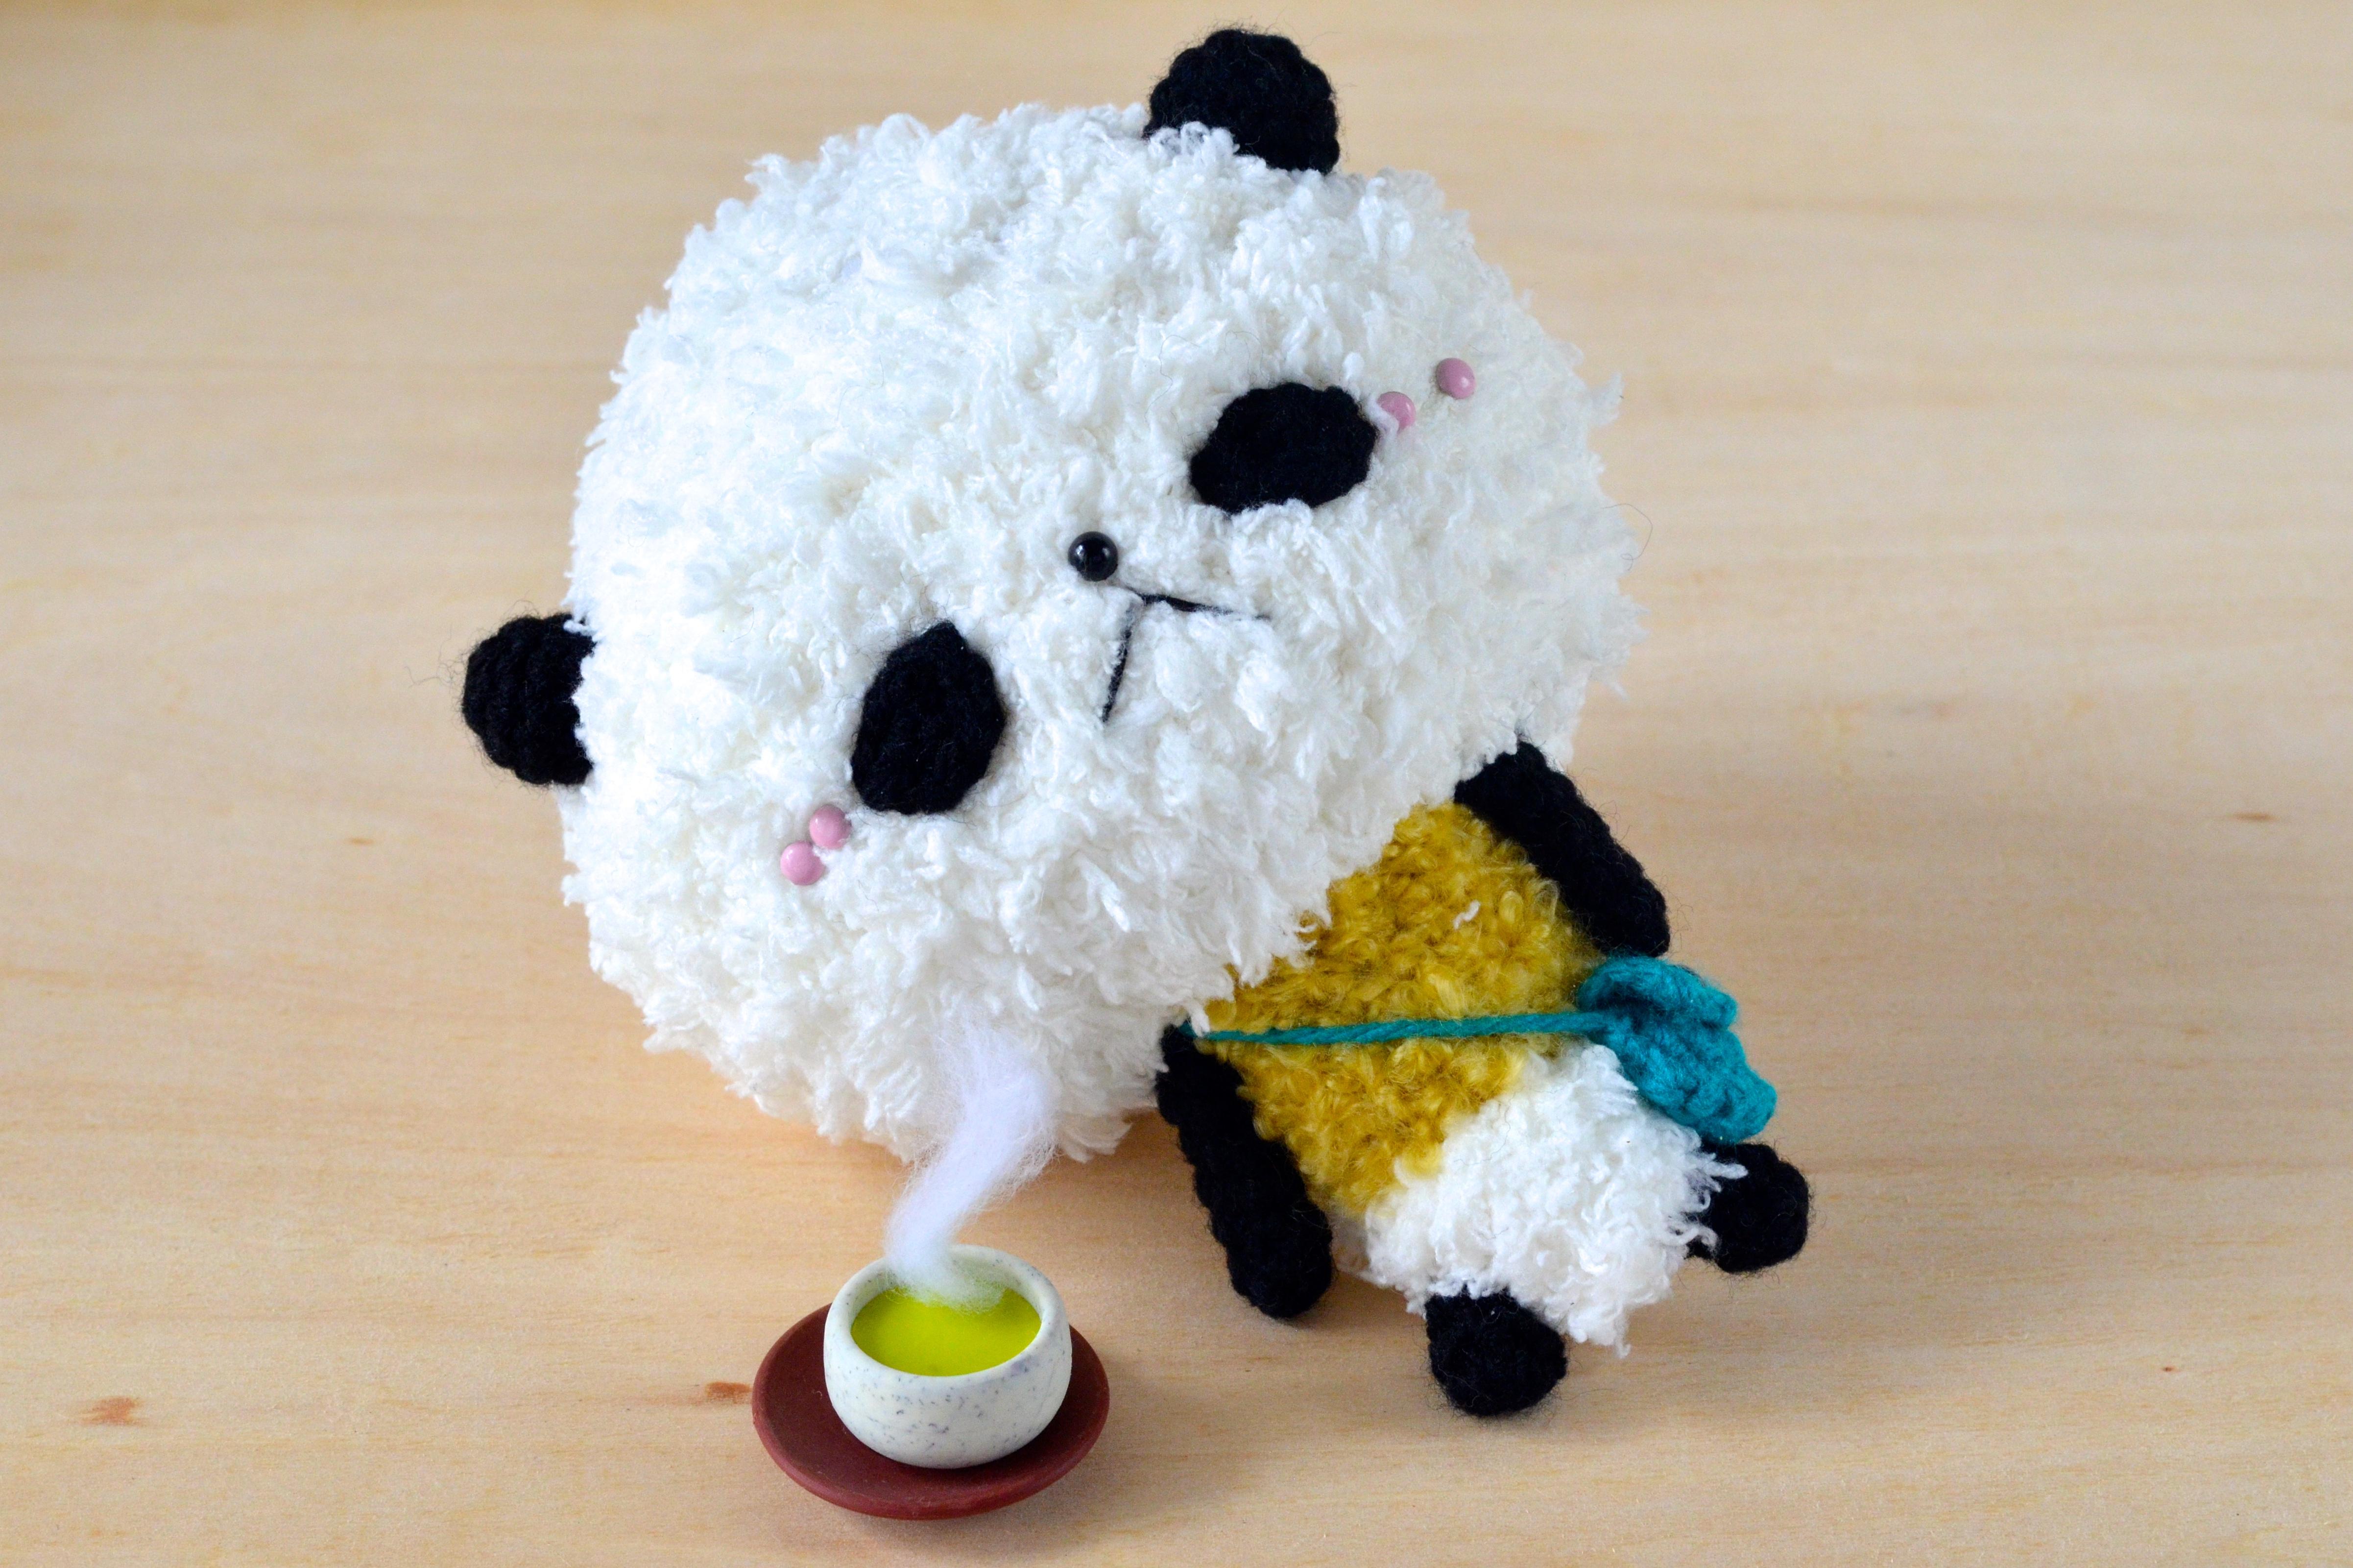 Amigurumi Pattern Panda : Free Pan-san the Panda amigurumi pattern amiguruMEI ??????